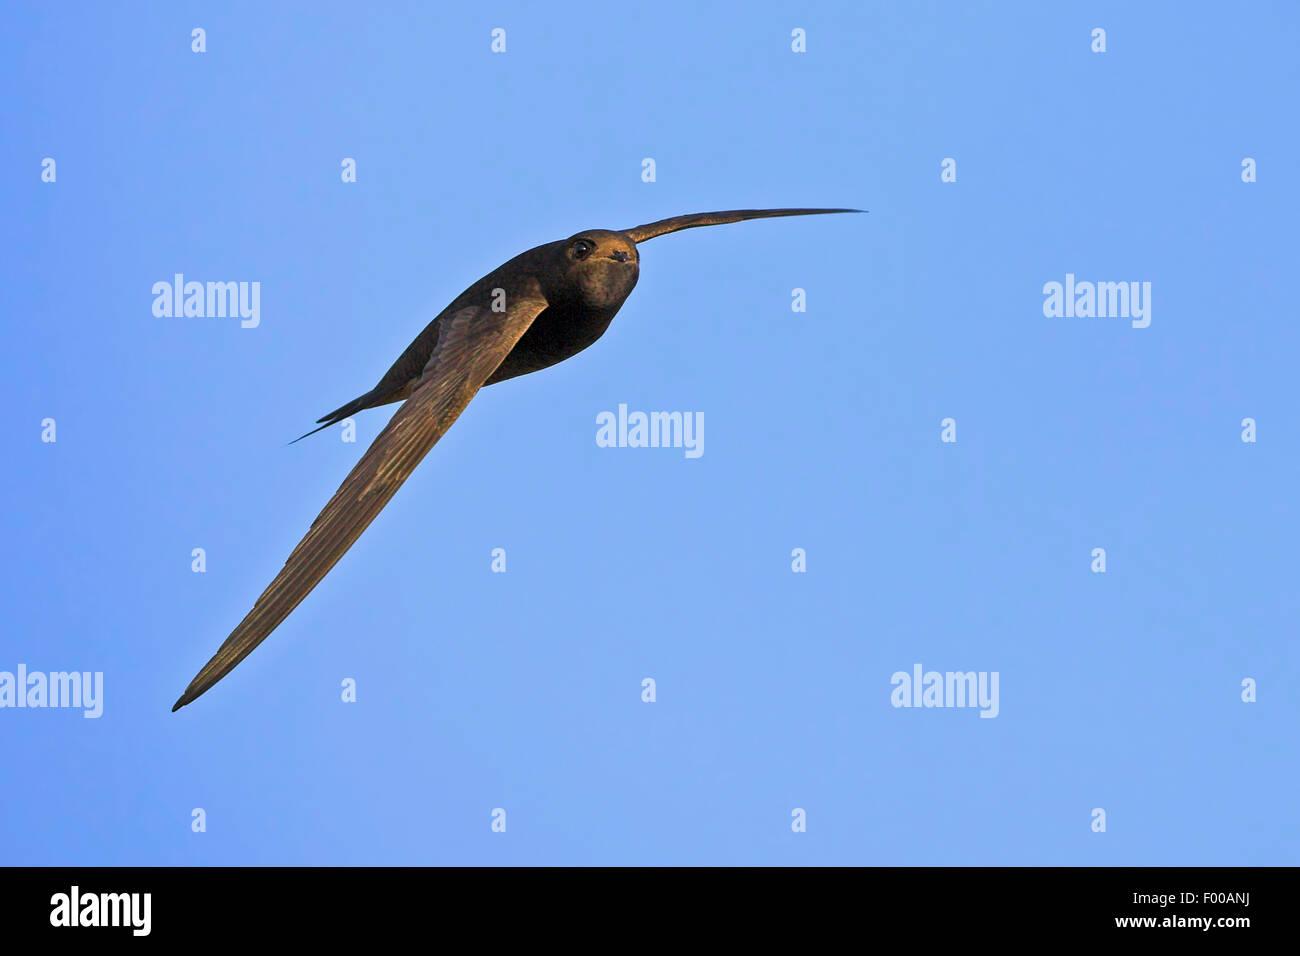 Eurasische Swift (Apus Apus), während des Fluges in den blauen Himmel, Deutschland, Baden-Württemberg Stockfoto